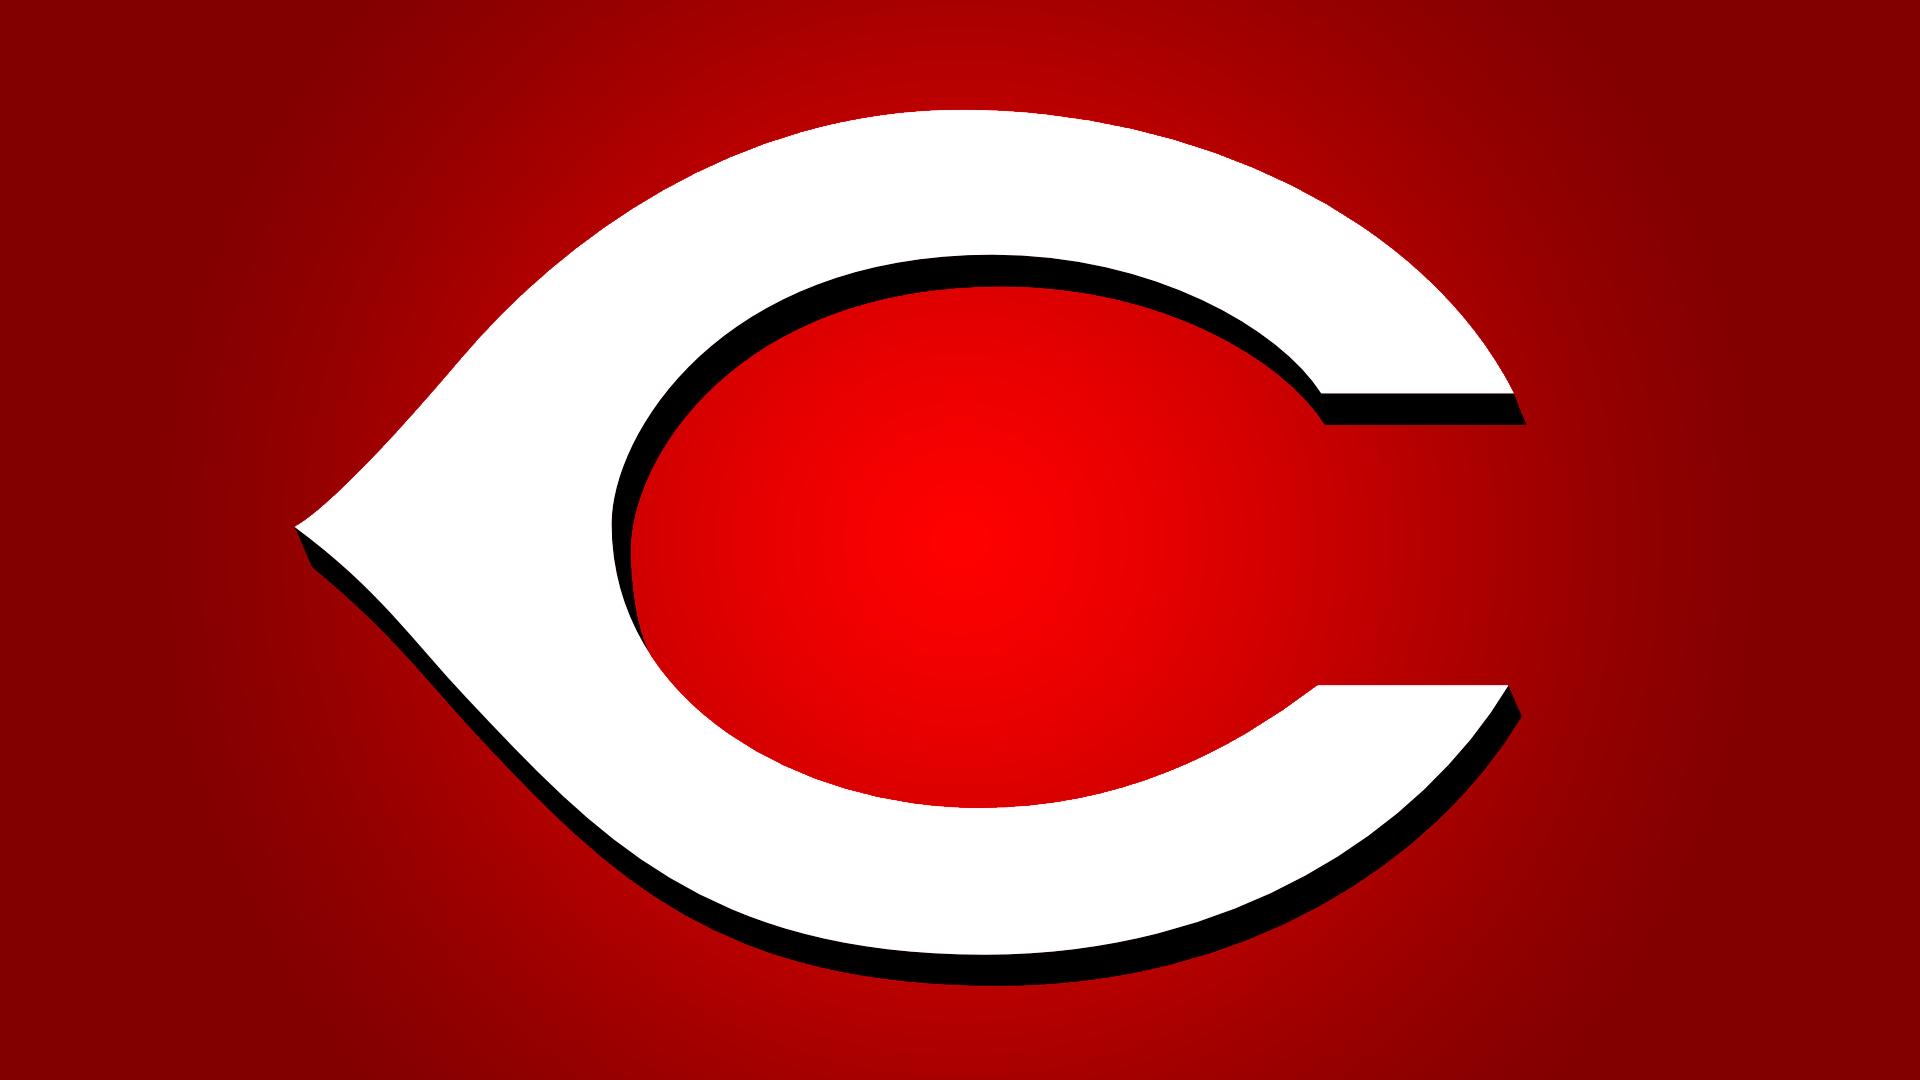 Cincinnati Reds Desktop Wallpapers 1920x1080